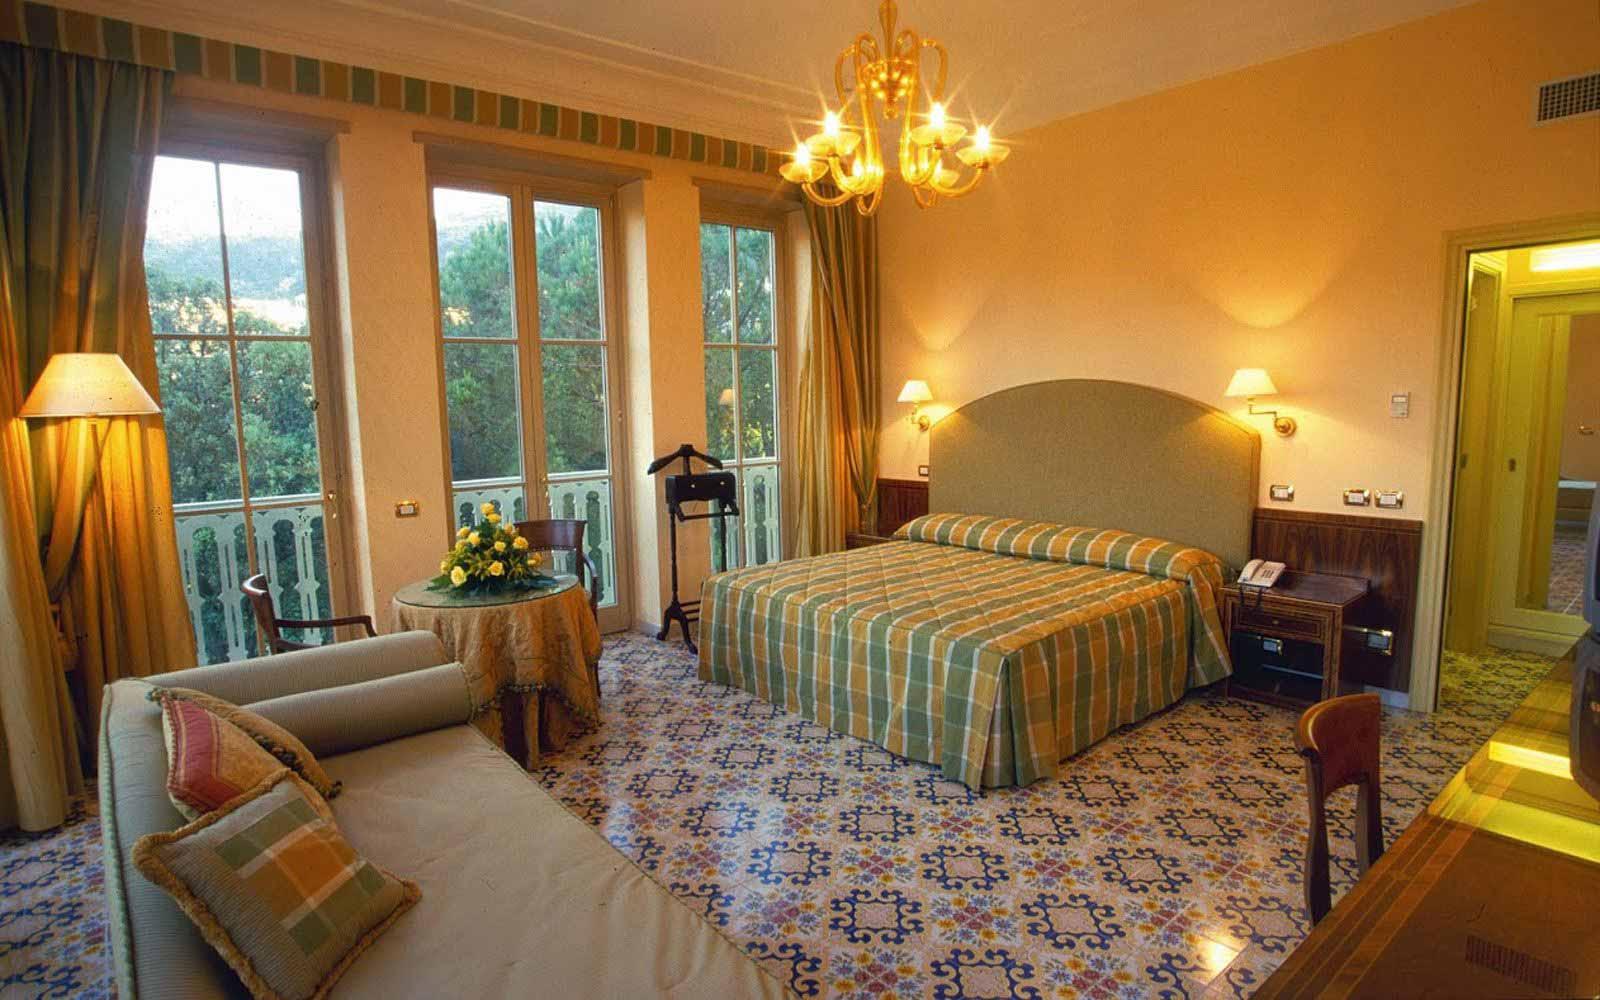 Junior suite at Hotel Antiche Mura